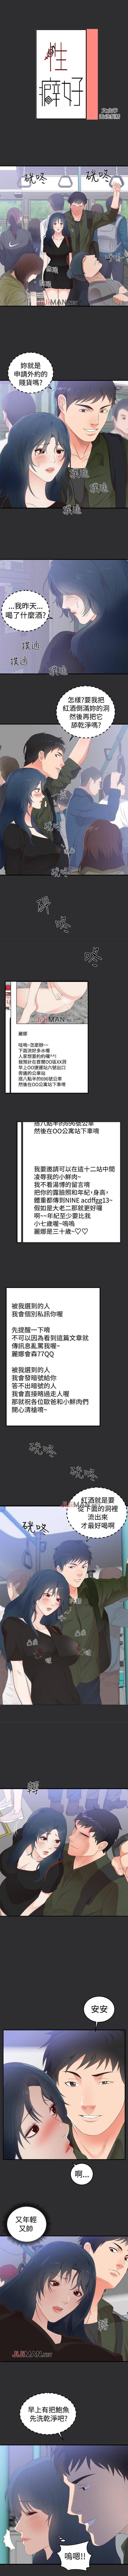 【已完结】性癖好(作者:主寧 & 洗髮精) 第1~30话 5